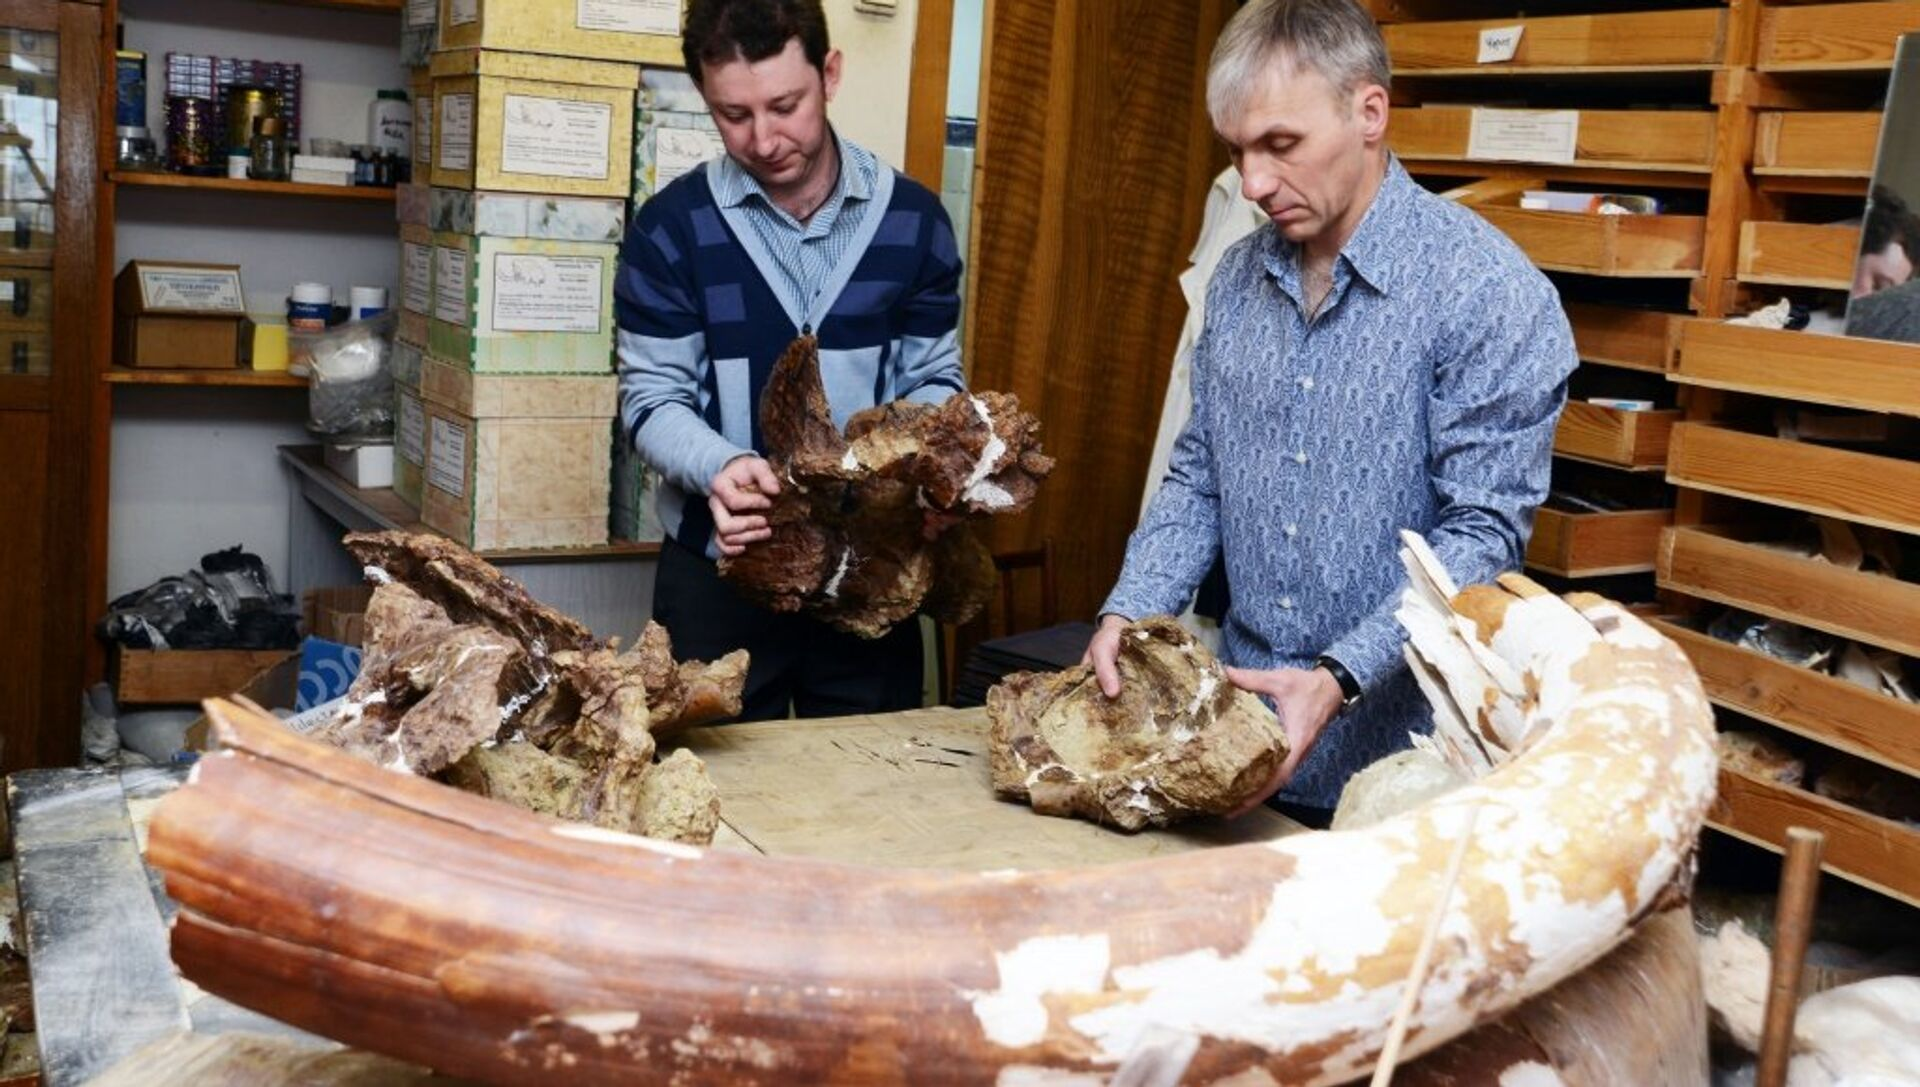 Investigadores rusos han hallado una especie completamente nueva de dinosaurios herbívoros. - Sputnik Mundo, 1920, 11.08.2016